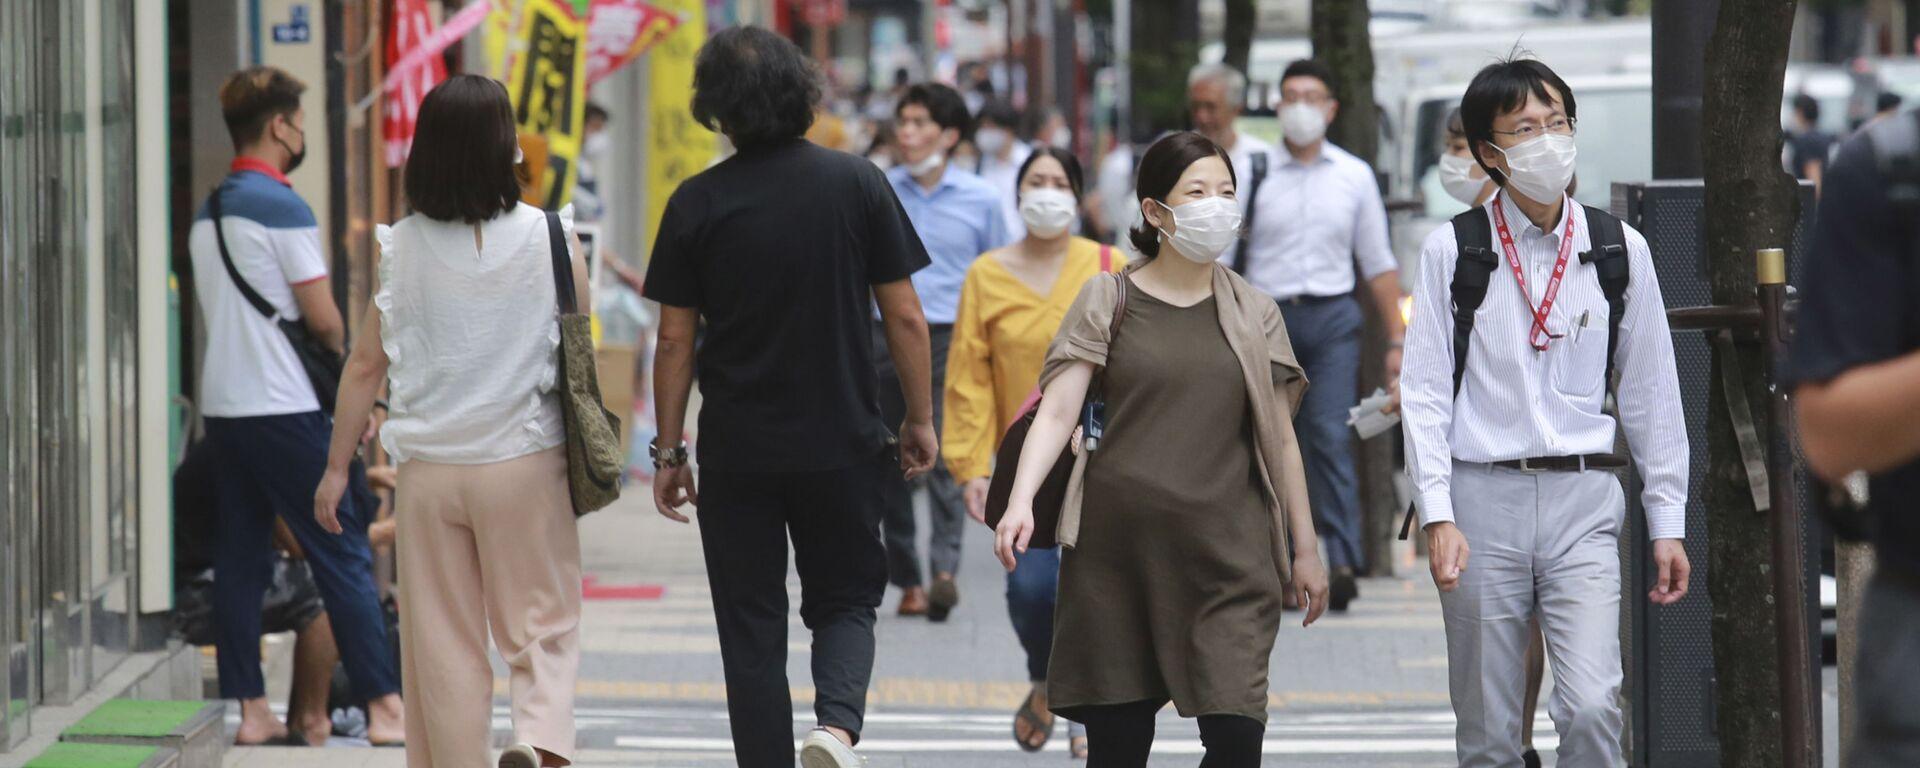 東京 マスクをつけた人 - Sputnik 日本, 1920, 08.09.2021